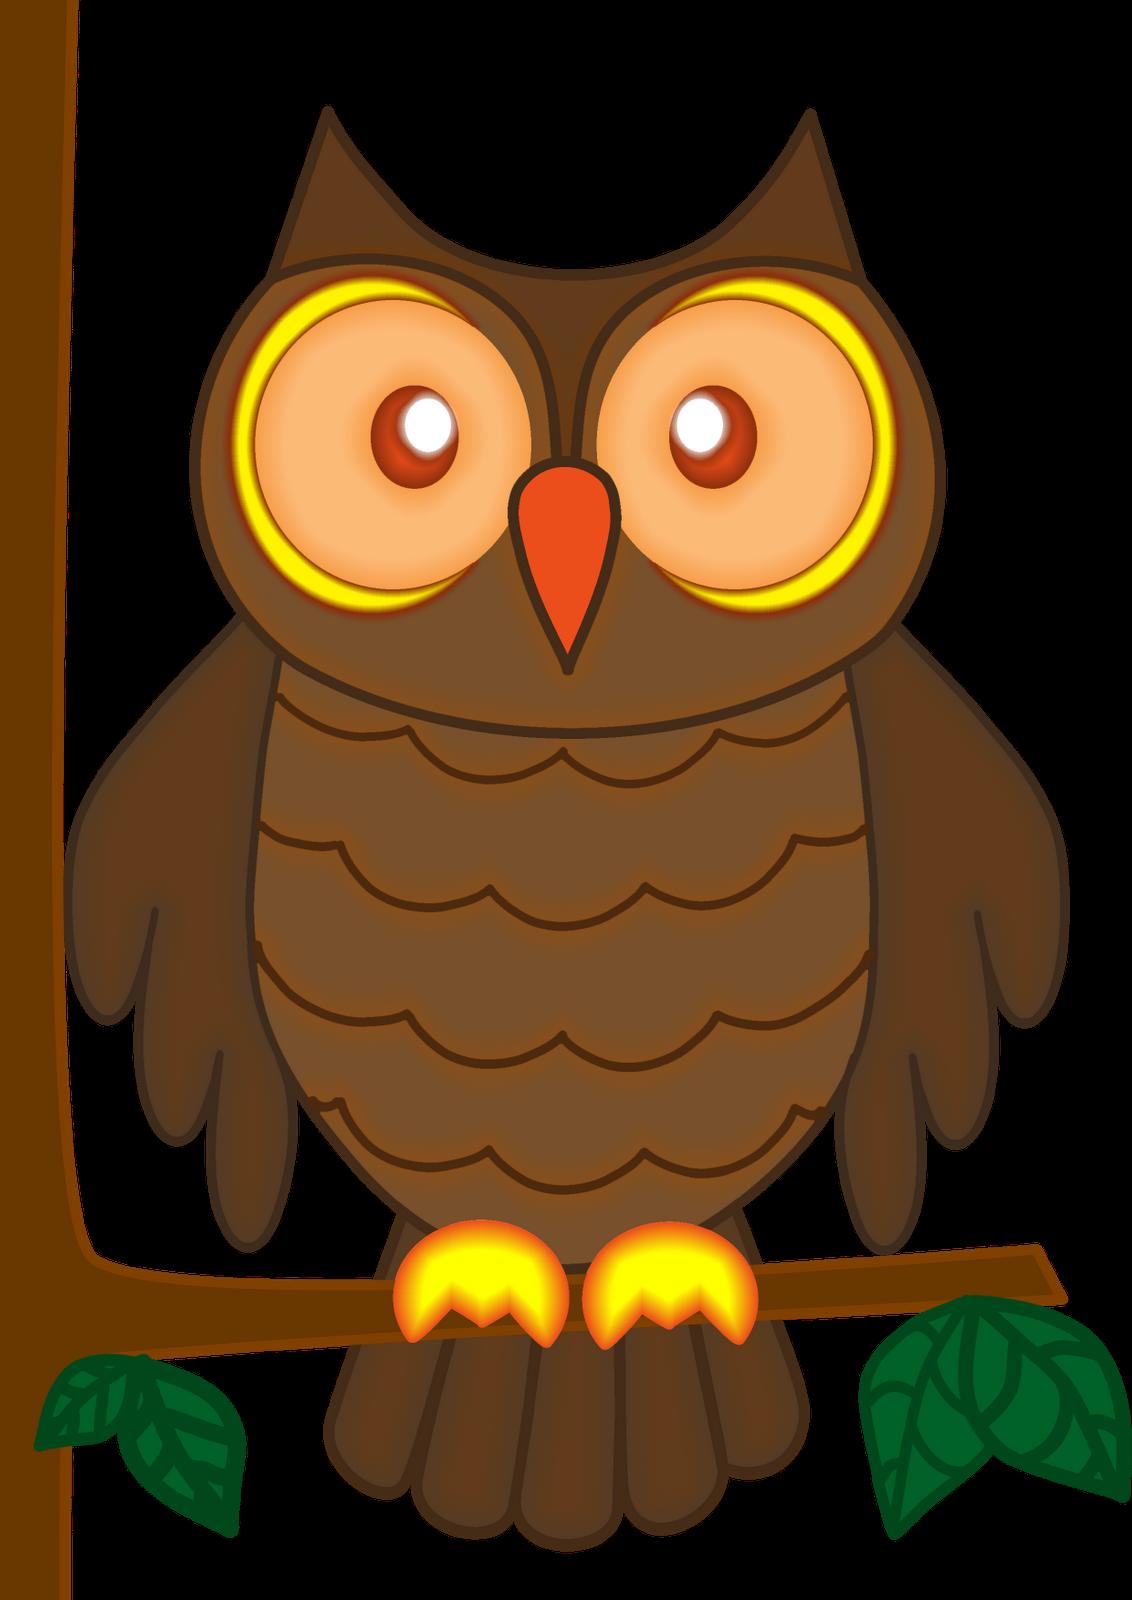 Owl clipart 2